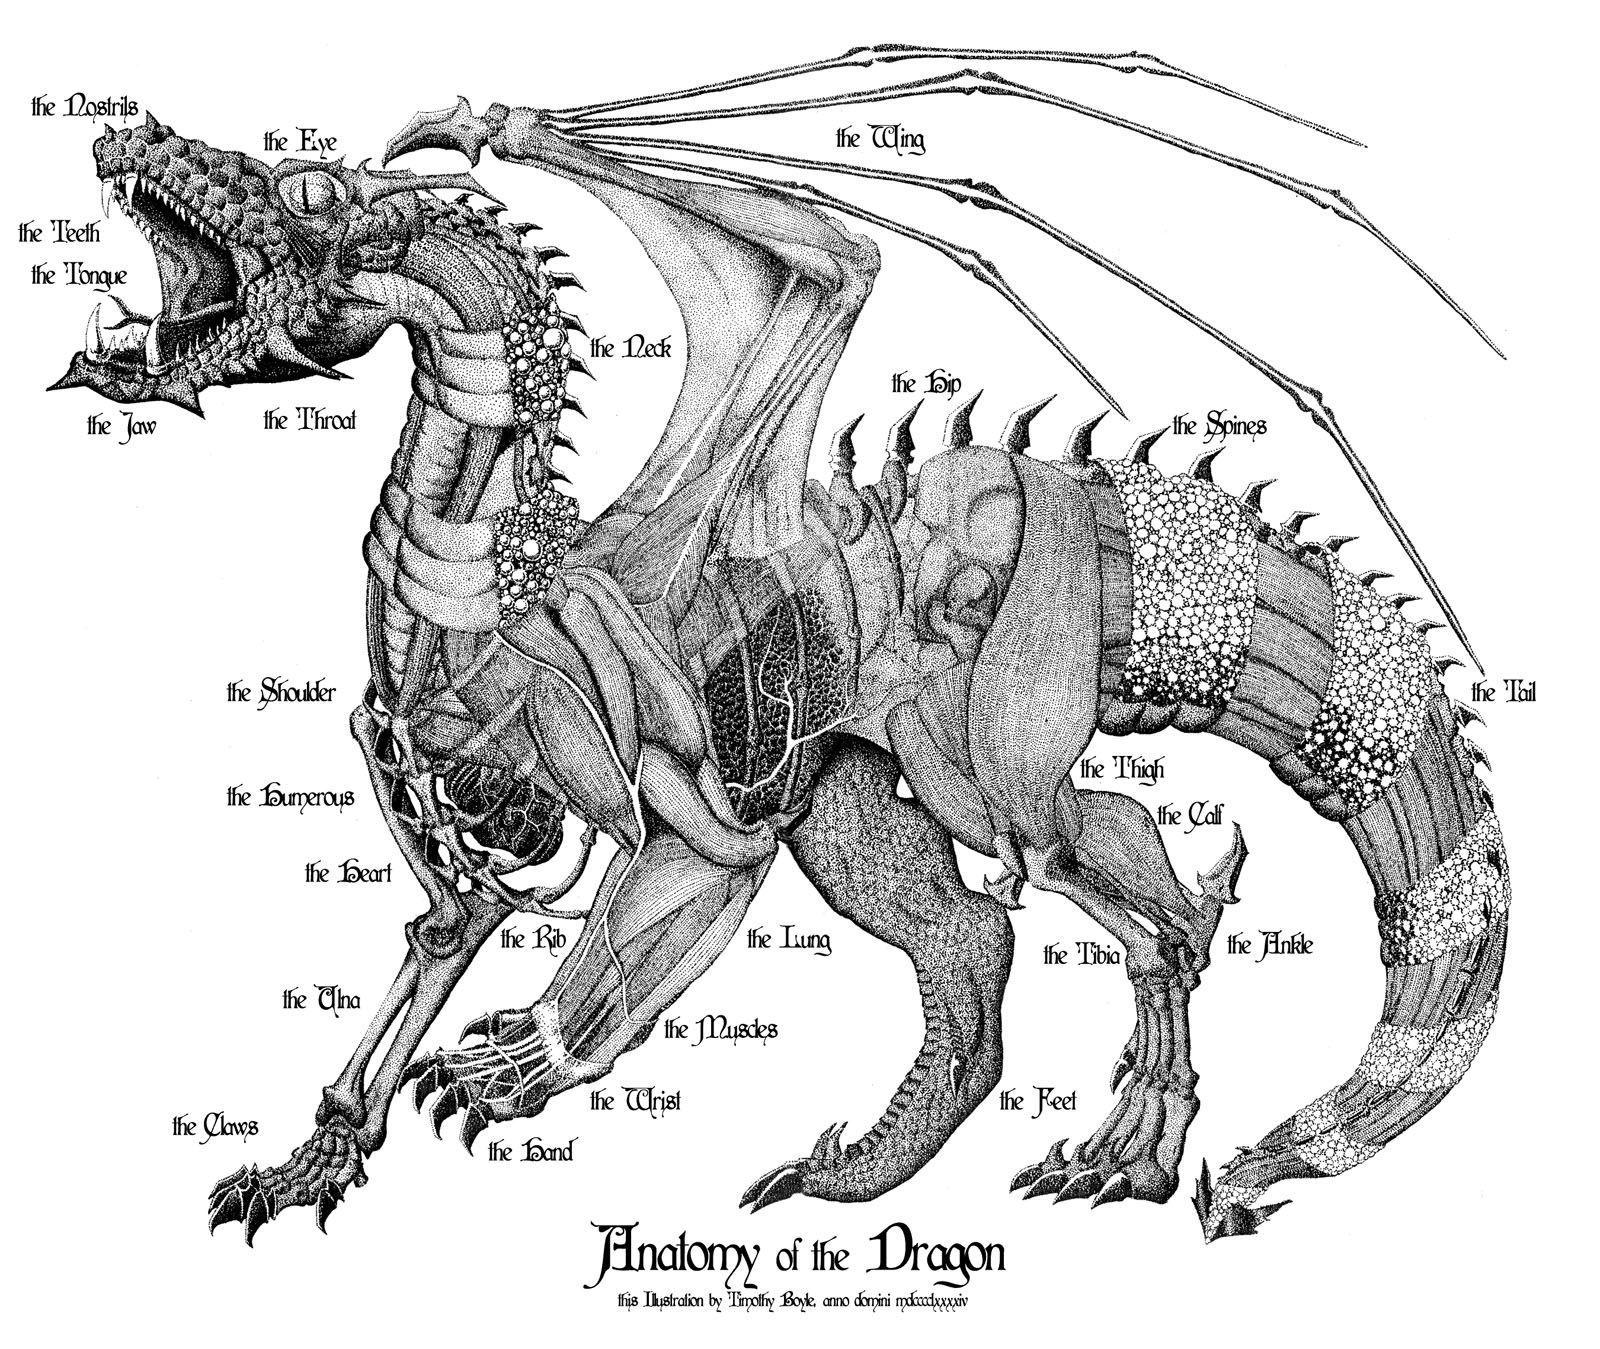 dragon anatomy | Mythology | Pinterest | Anatomy, Dragons and ...